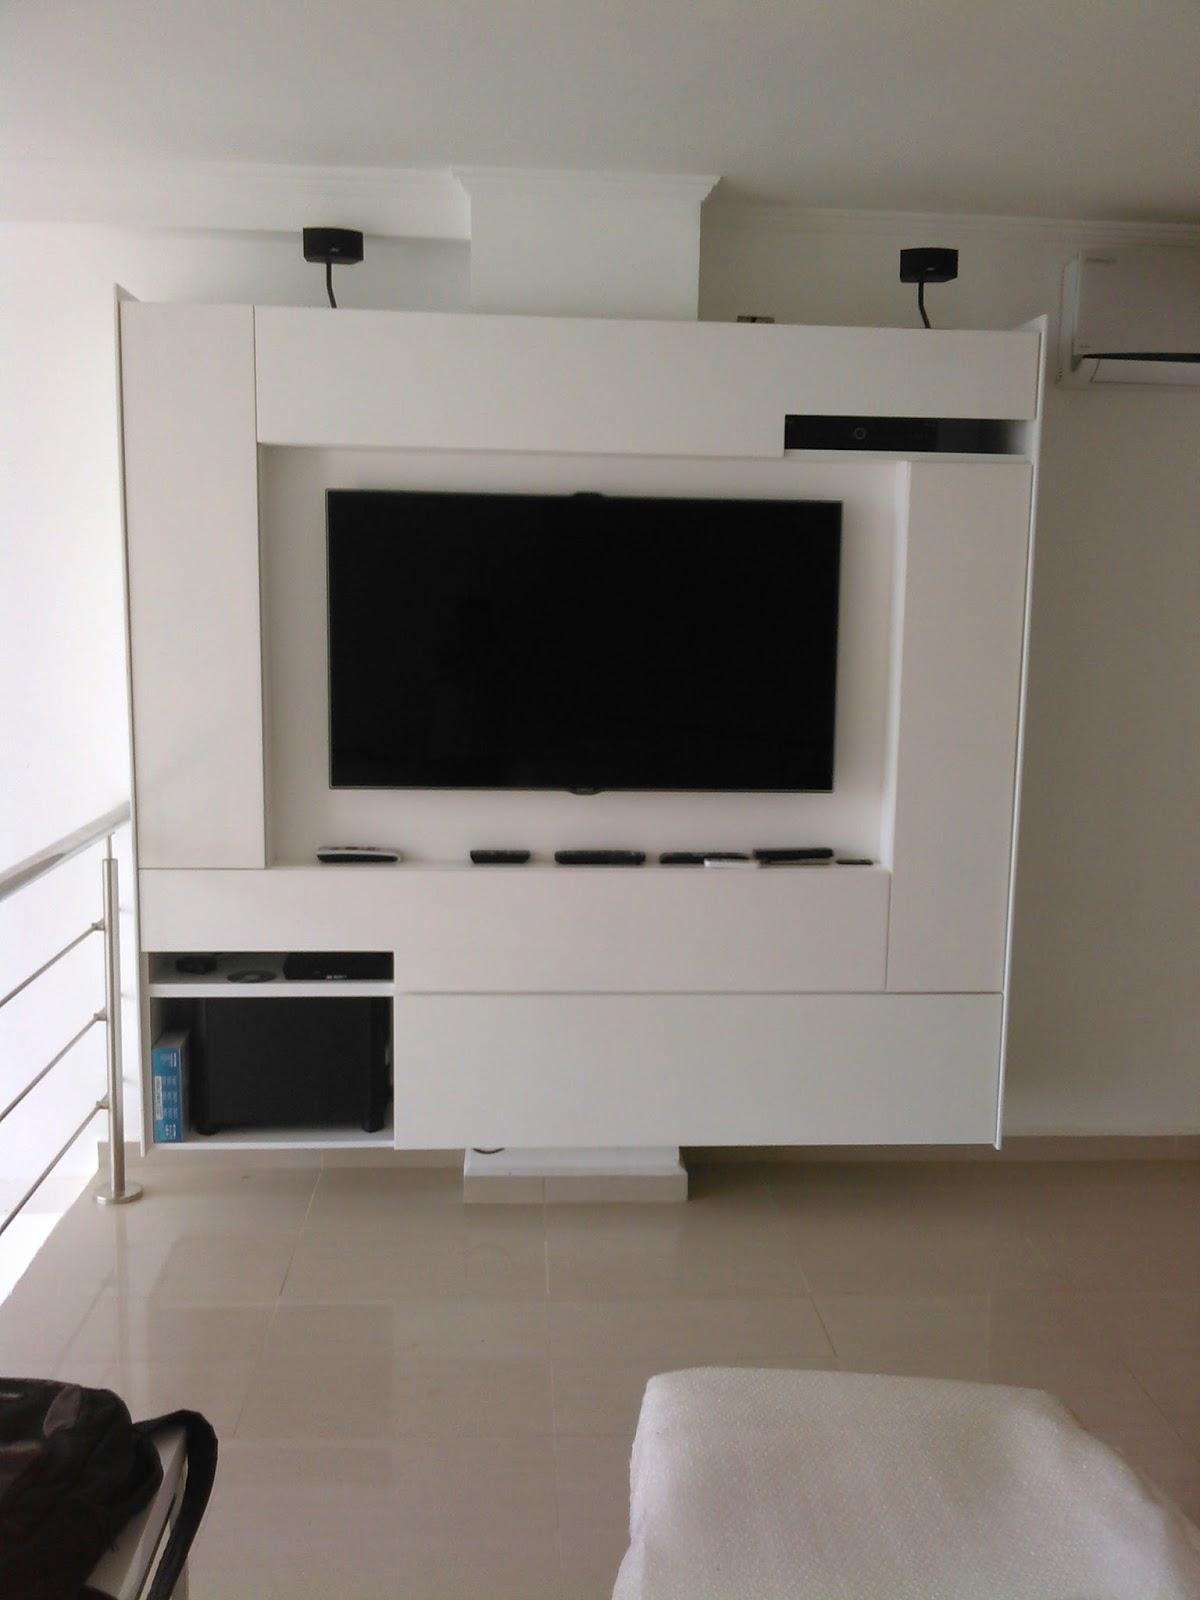 FOTOS IKEA catálogo de cocinas 2015, diseños Casas